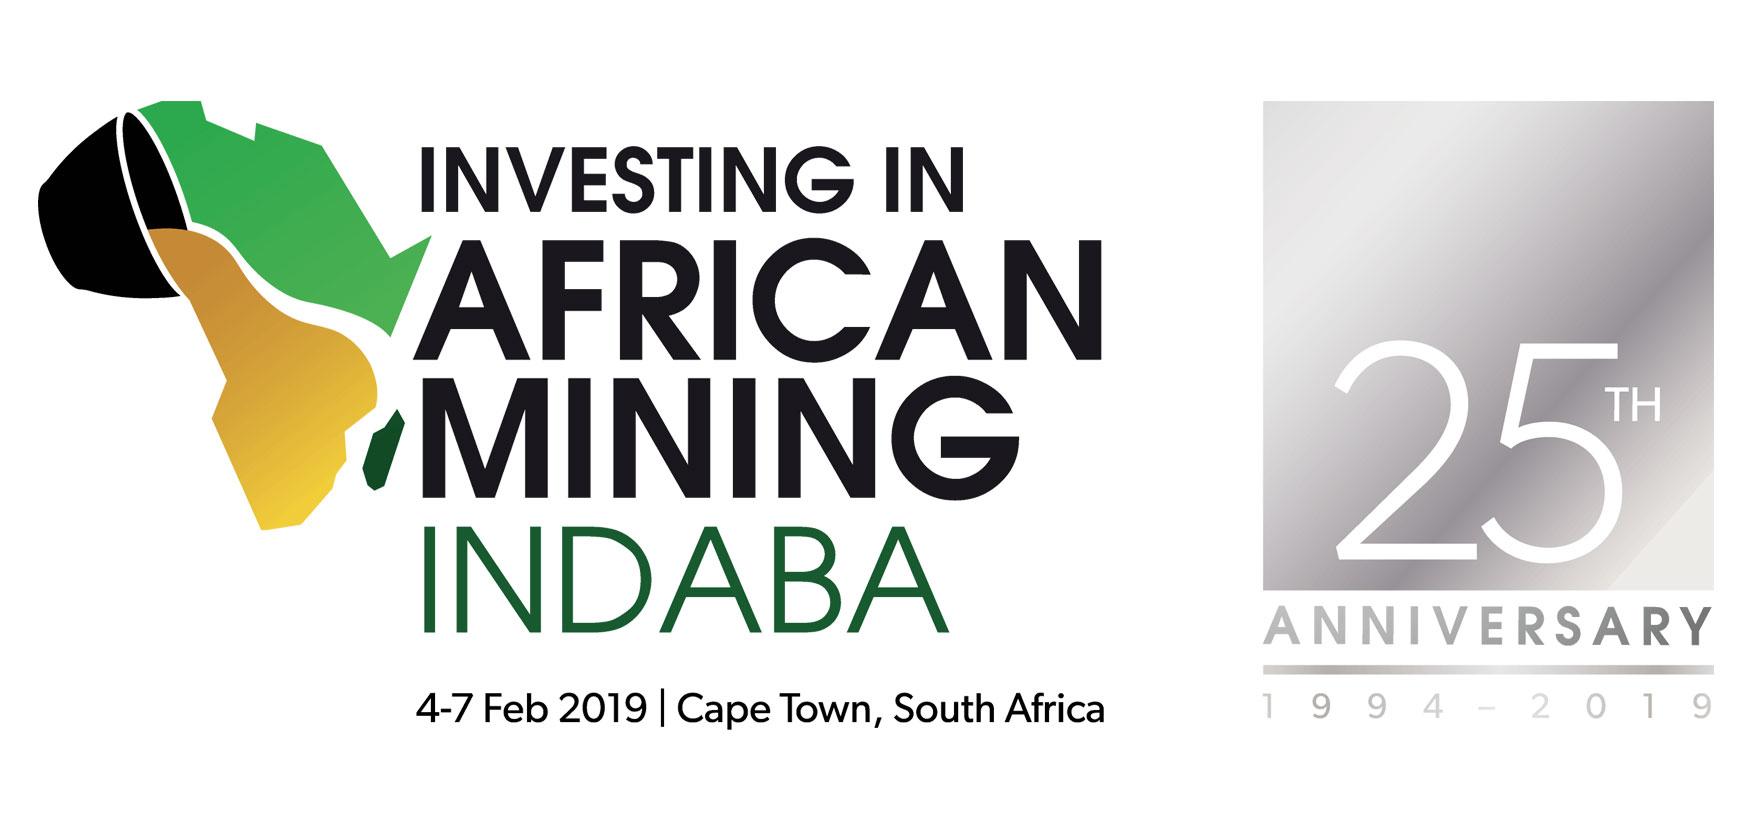 mining-indaba-icon